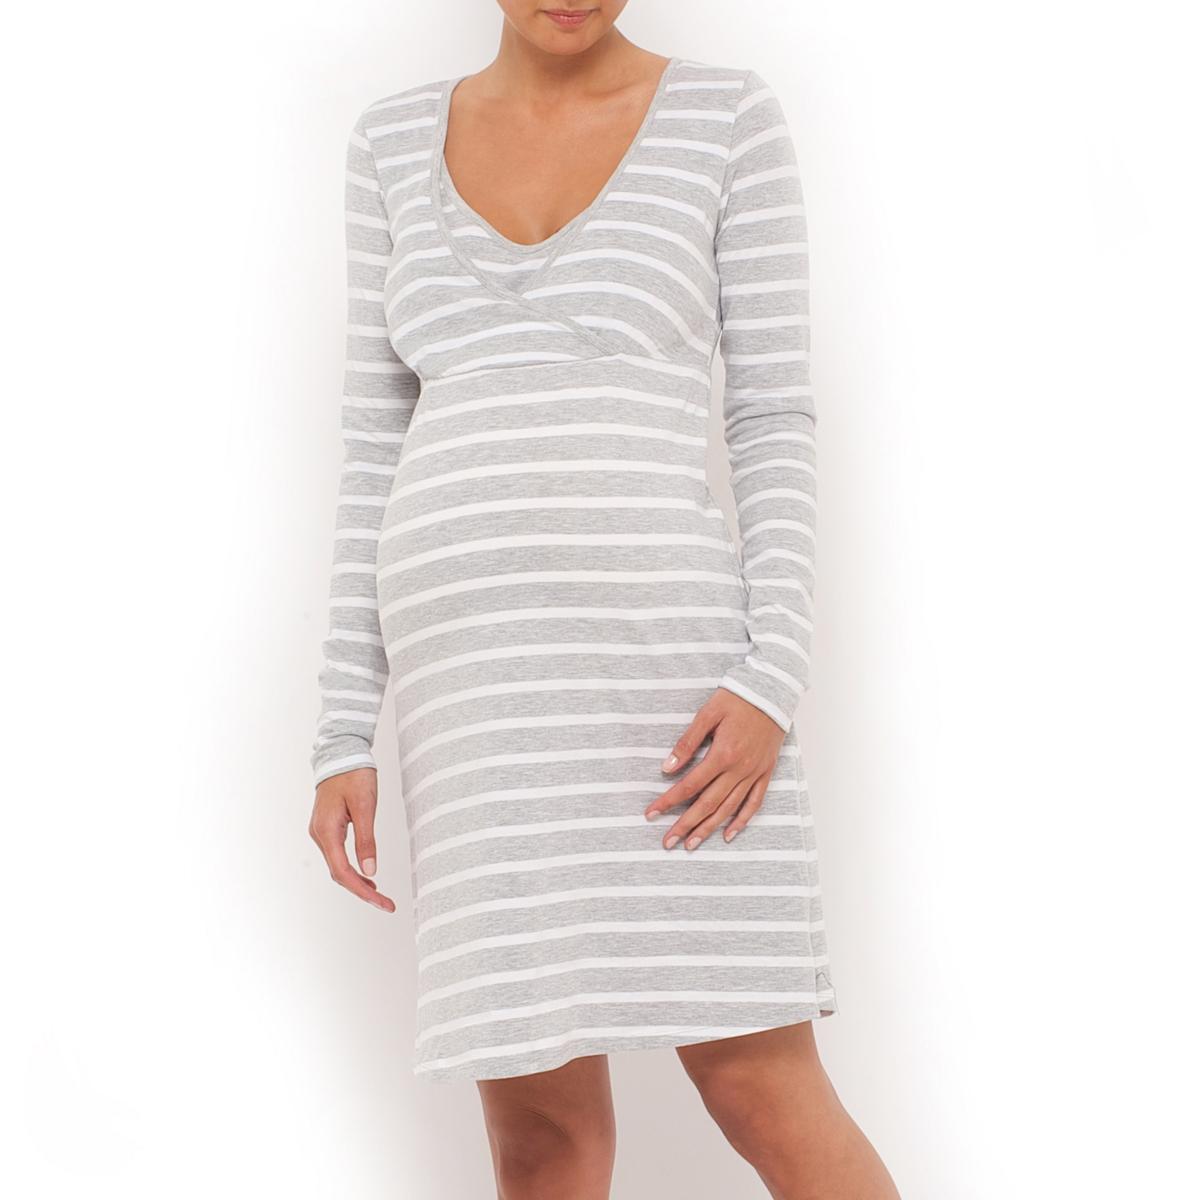 Рубашка ночная для беременных и кормящихНочная рубашка для периода беременности и кормления грудью, длинные рукава, V-образный вырез с запахом и закругленной вставкой. Эластичная вставка под линией груди. Разрезы по бокам. Длина ок.90 см.Ночная рубашка для беременных и кормящих. Джерси 95% хлопка, 5% эластана. Машинная стирка. Знак Oeko-Tex*.      *Международный лейбл Oeko-Tex® дает гарантию того, что изделия изготовлены без применения вредных и раздражающих кожу веществ.<br><br>Цвет: серый/белый в полоску